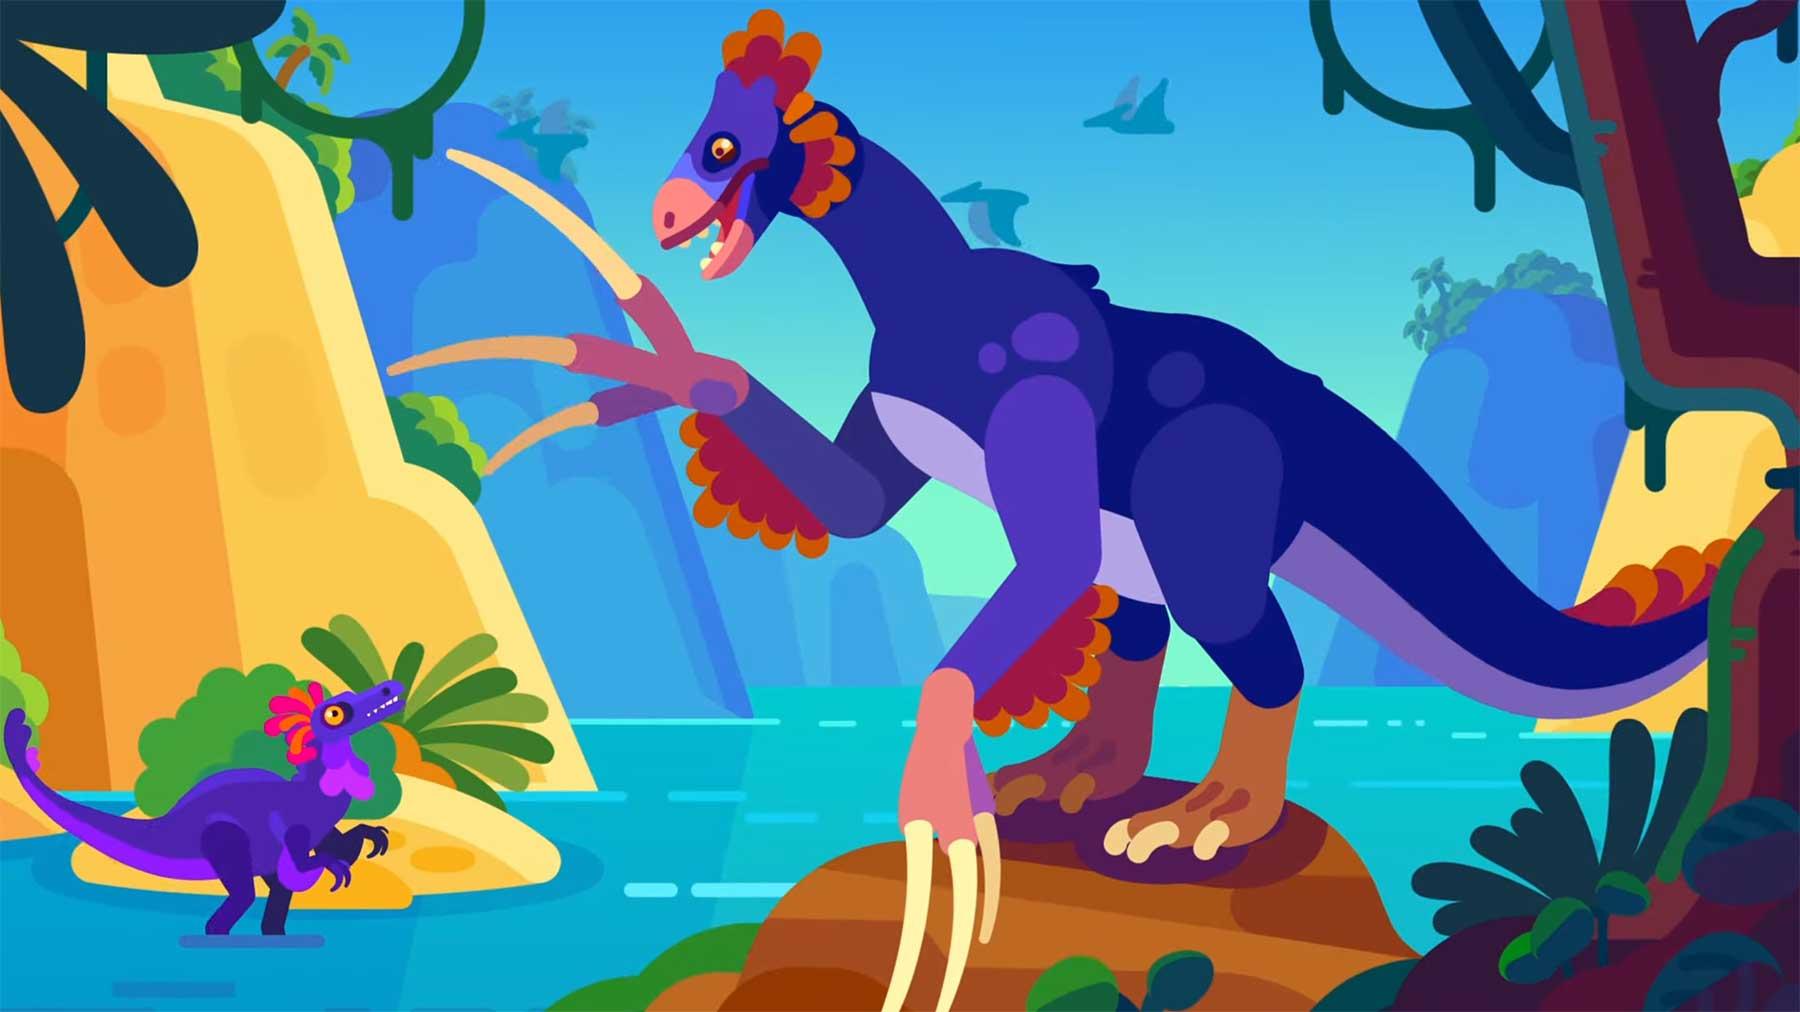 Wie sahen die Dinosaurier eigentlich WIRKLICH aus? so-sahen-dinosaurier-wirklich-aus